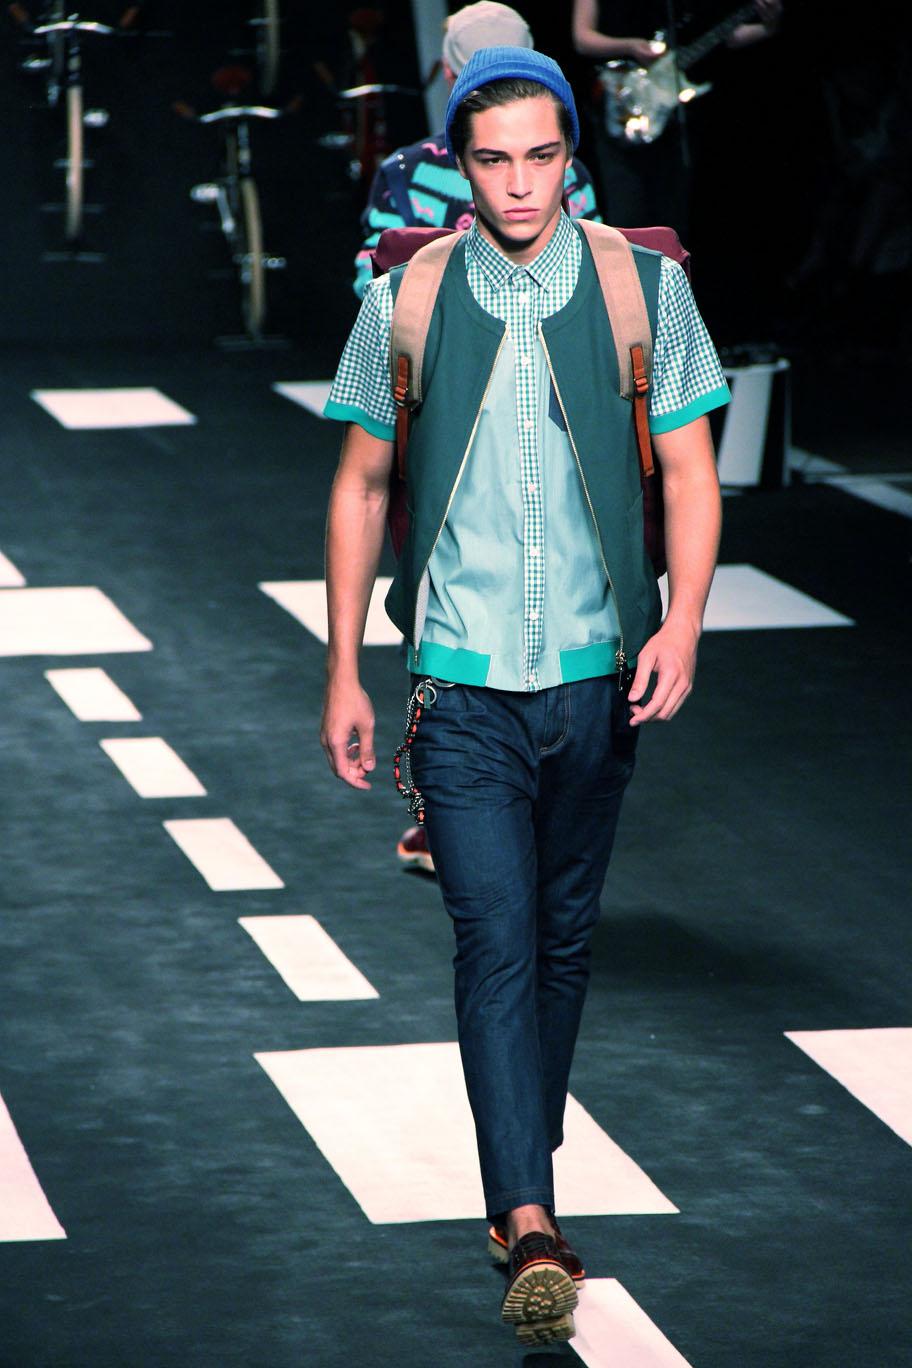 frankie-morello-spring-summer-2012-men-collection-milano-fashion-week-2012-frankie-morello-fashion-show-catwalk